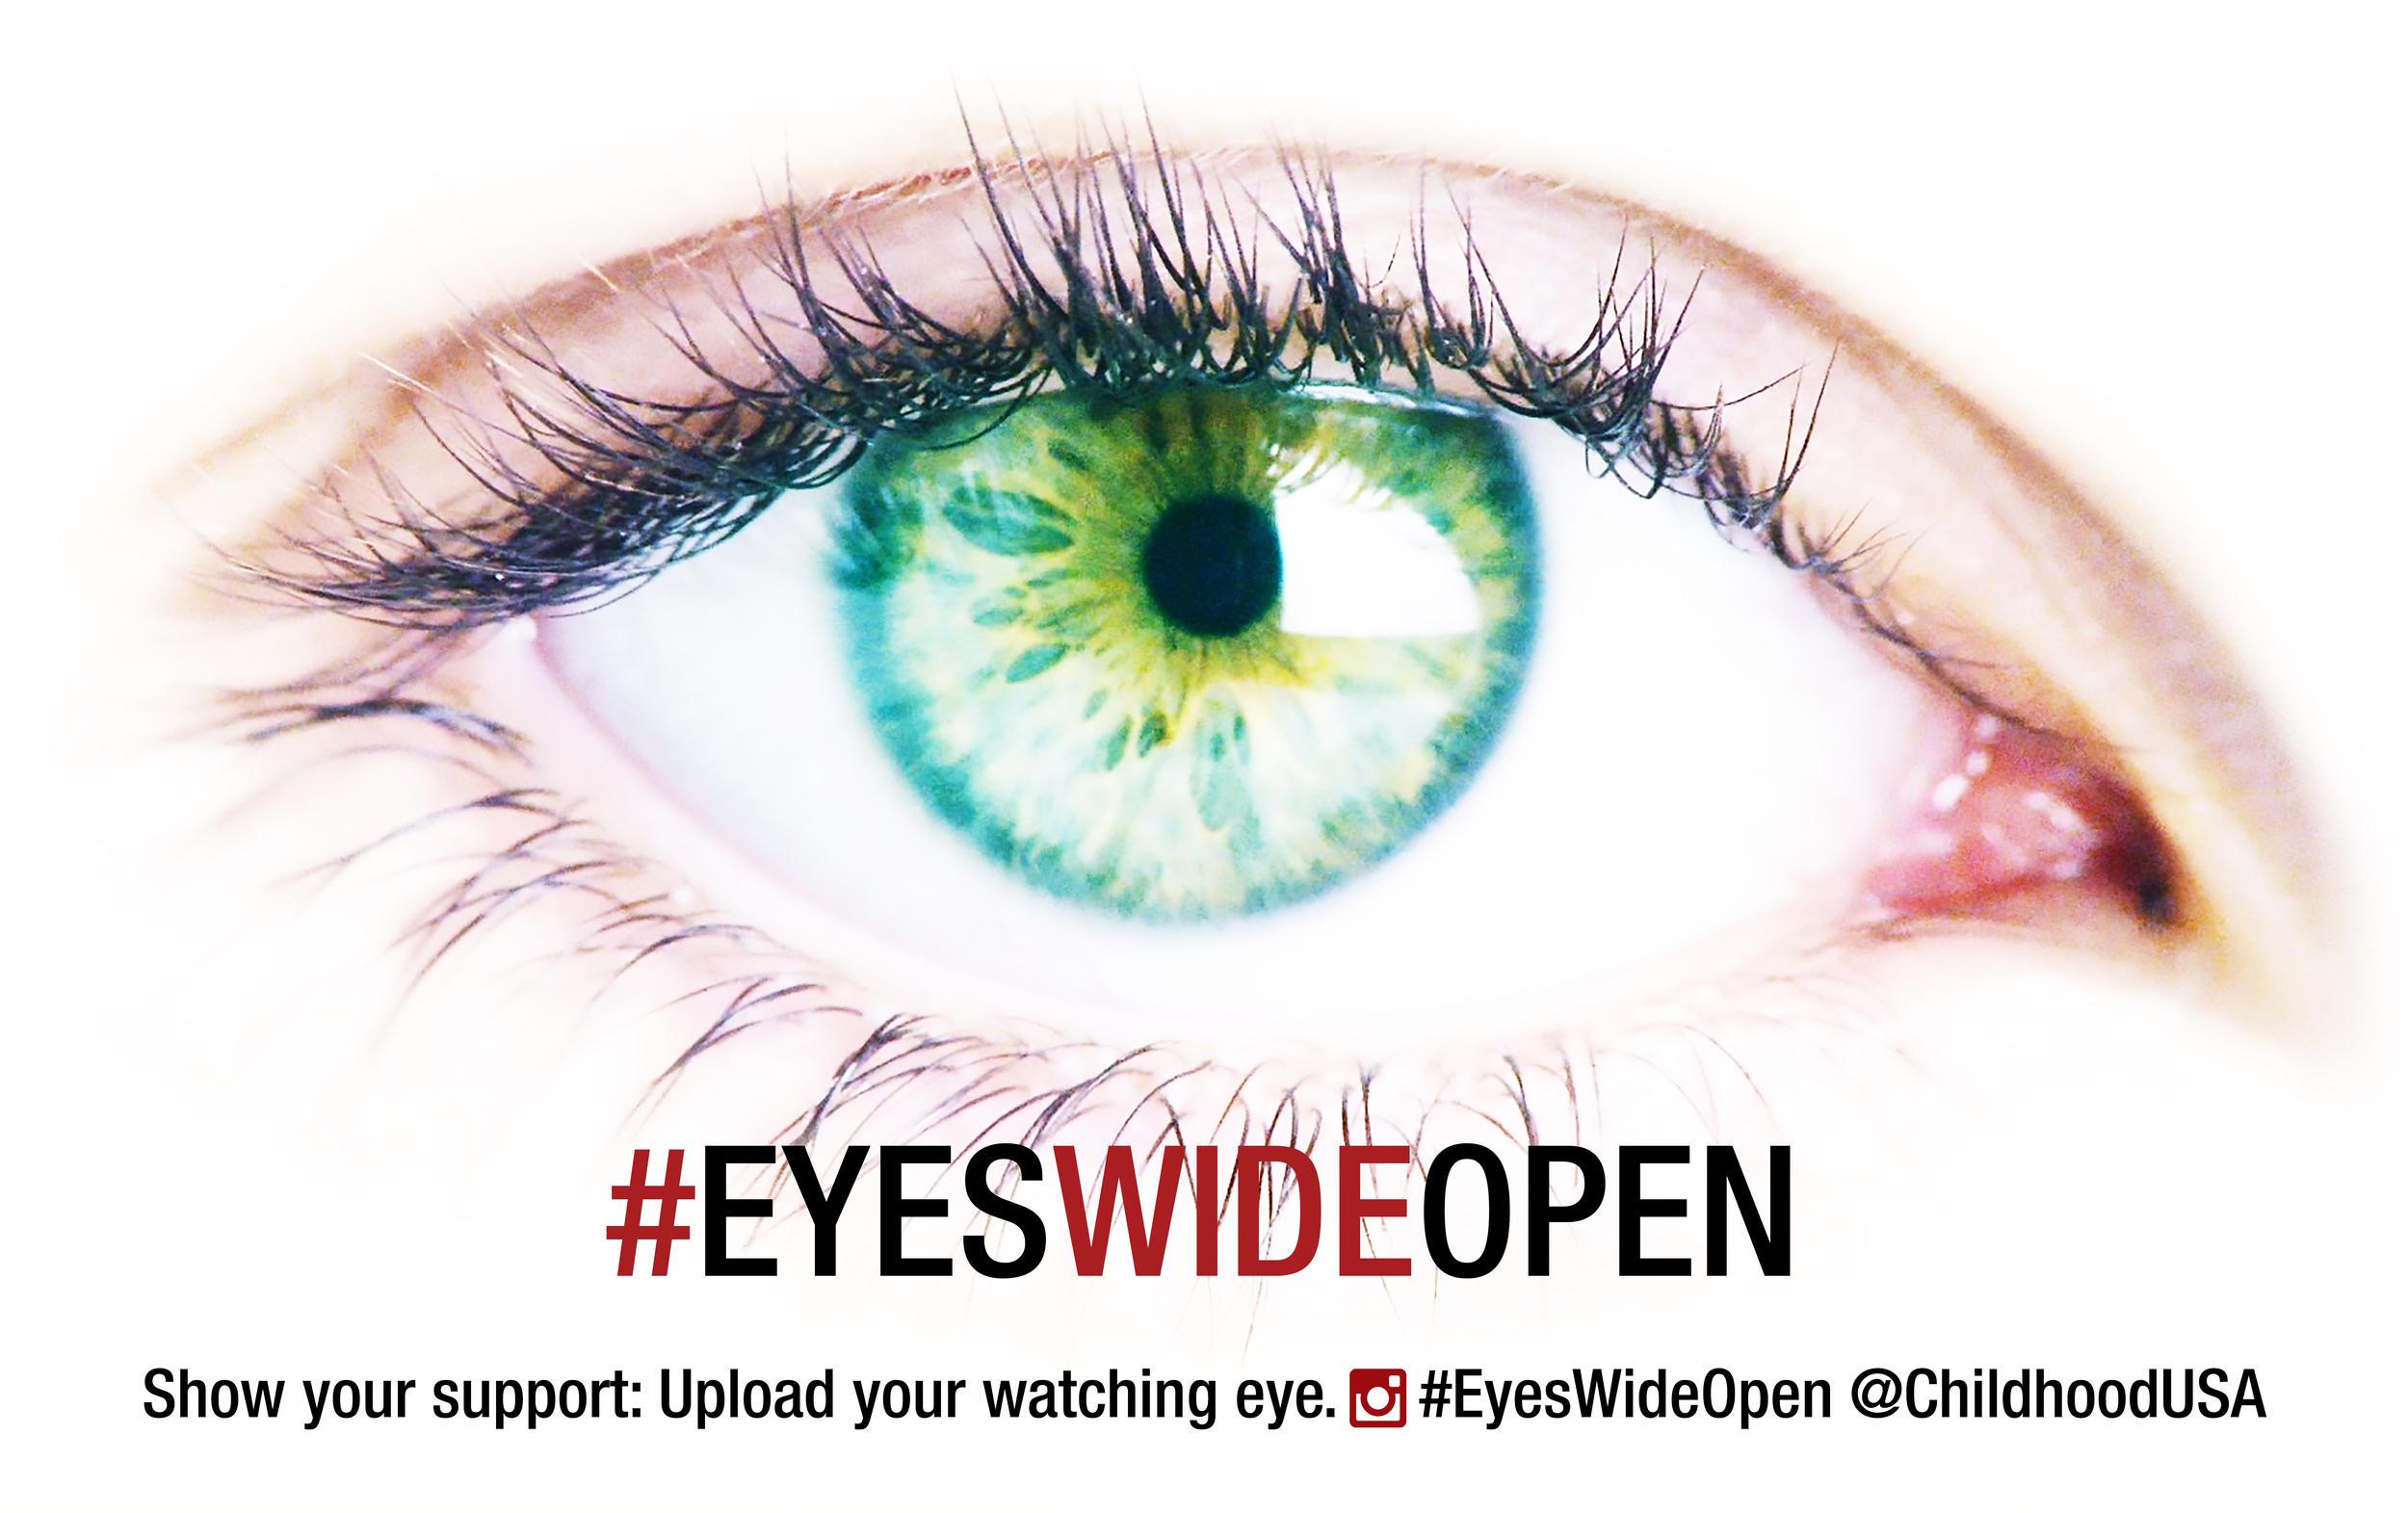 Eyeswide open, static.jpg